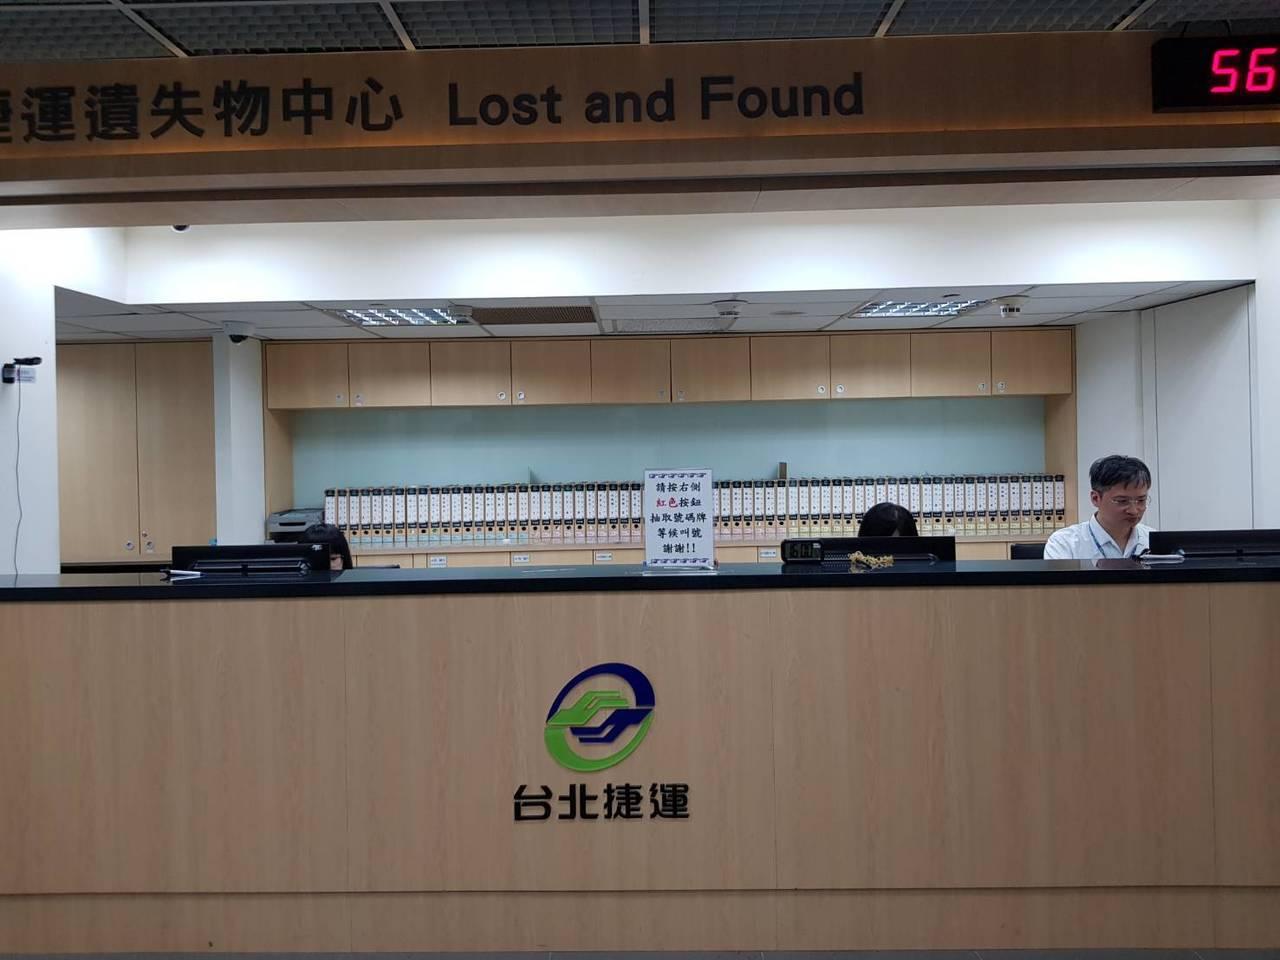 台北捷運因應不少旅客遺失物品,於台北車站設有遺失物中心貼心服務失主,如今傳出遭1...